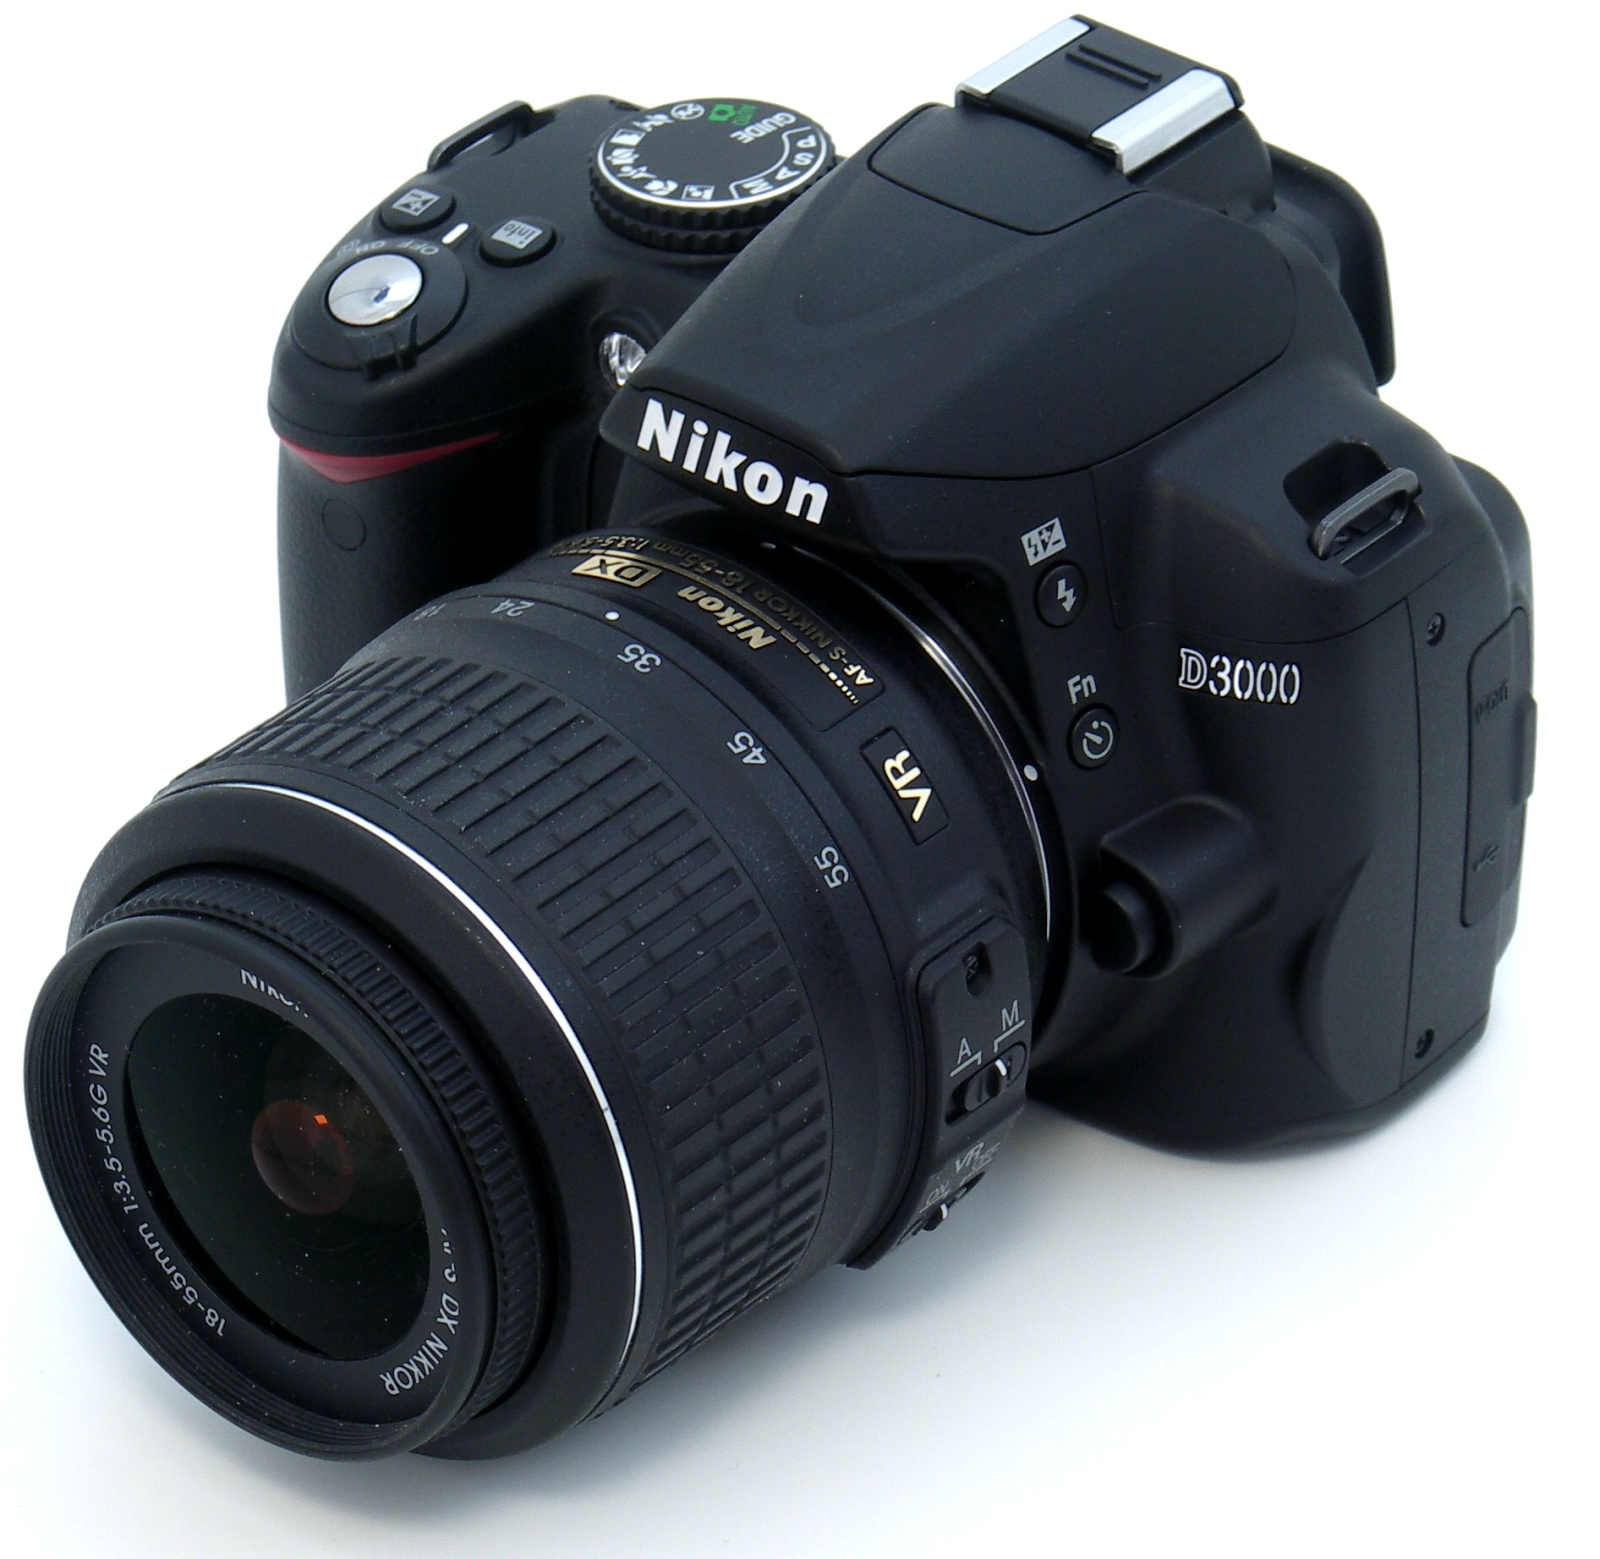 Nikon D3000 e 18-55, l'accoppiata perfetta per iniziare! E' facile trovare questa reflex sotto i 100 euro